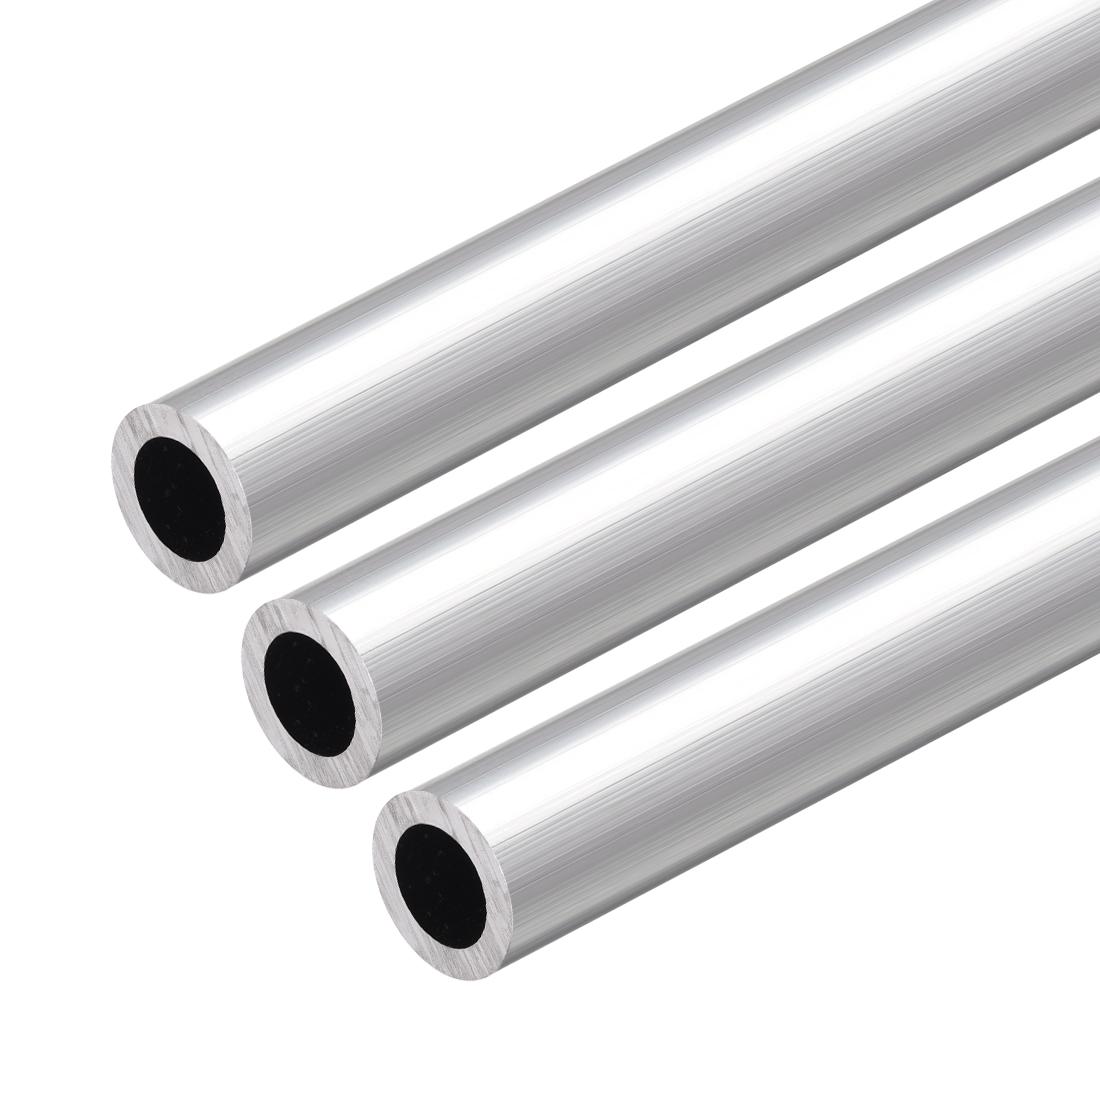 6063 Aluminum Round Tube 300mm Length 15mm OD 10mm Inner Dia Seamless Tube 3 Pcs